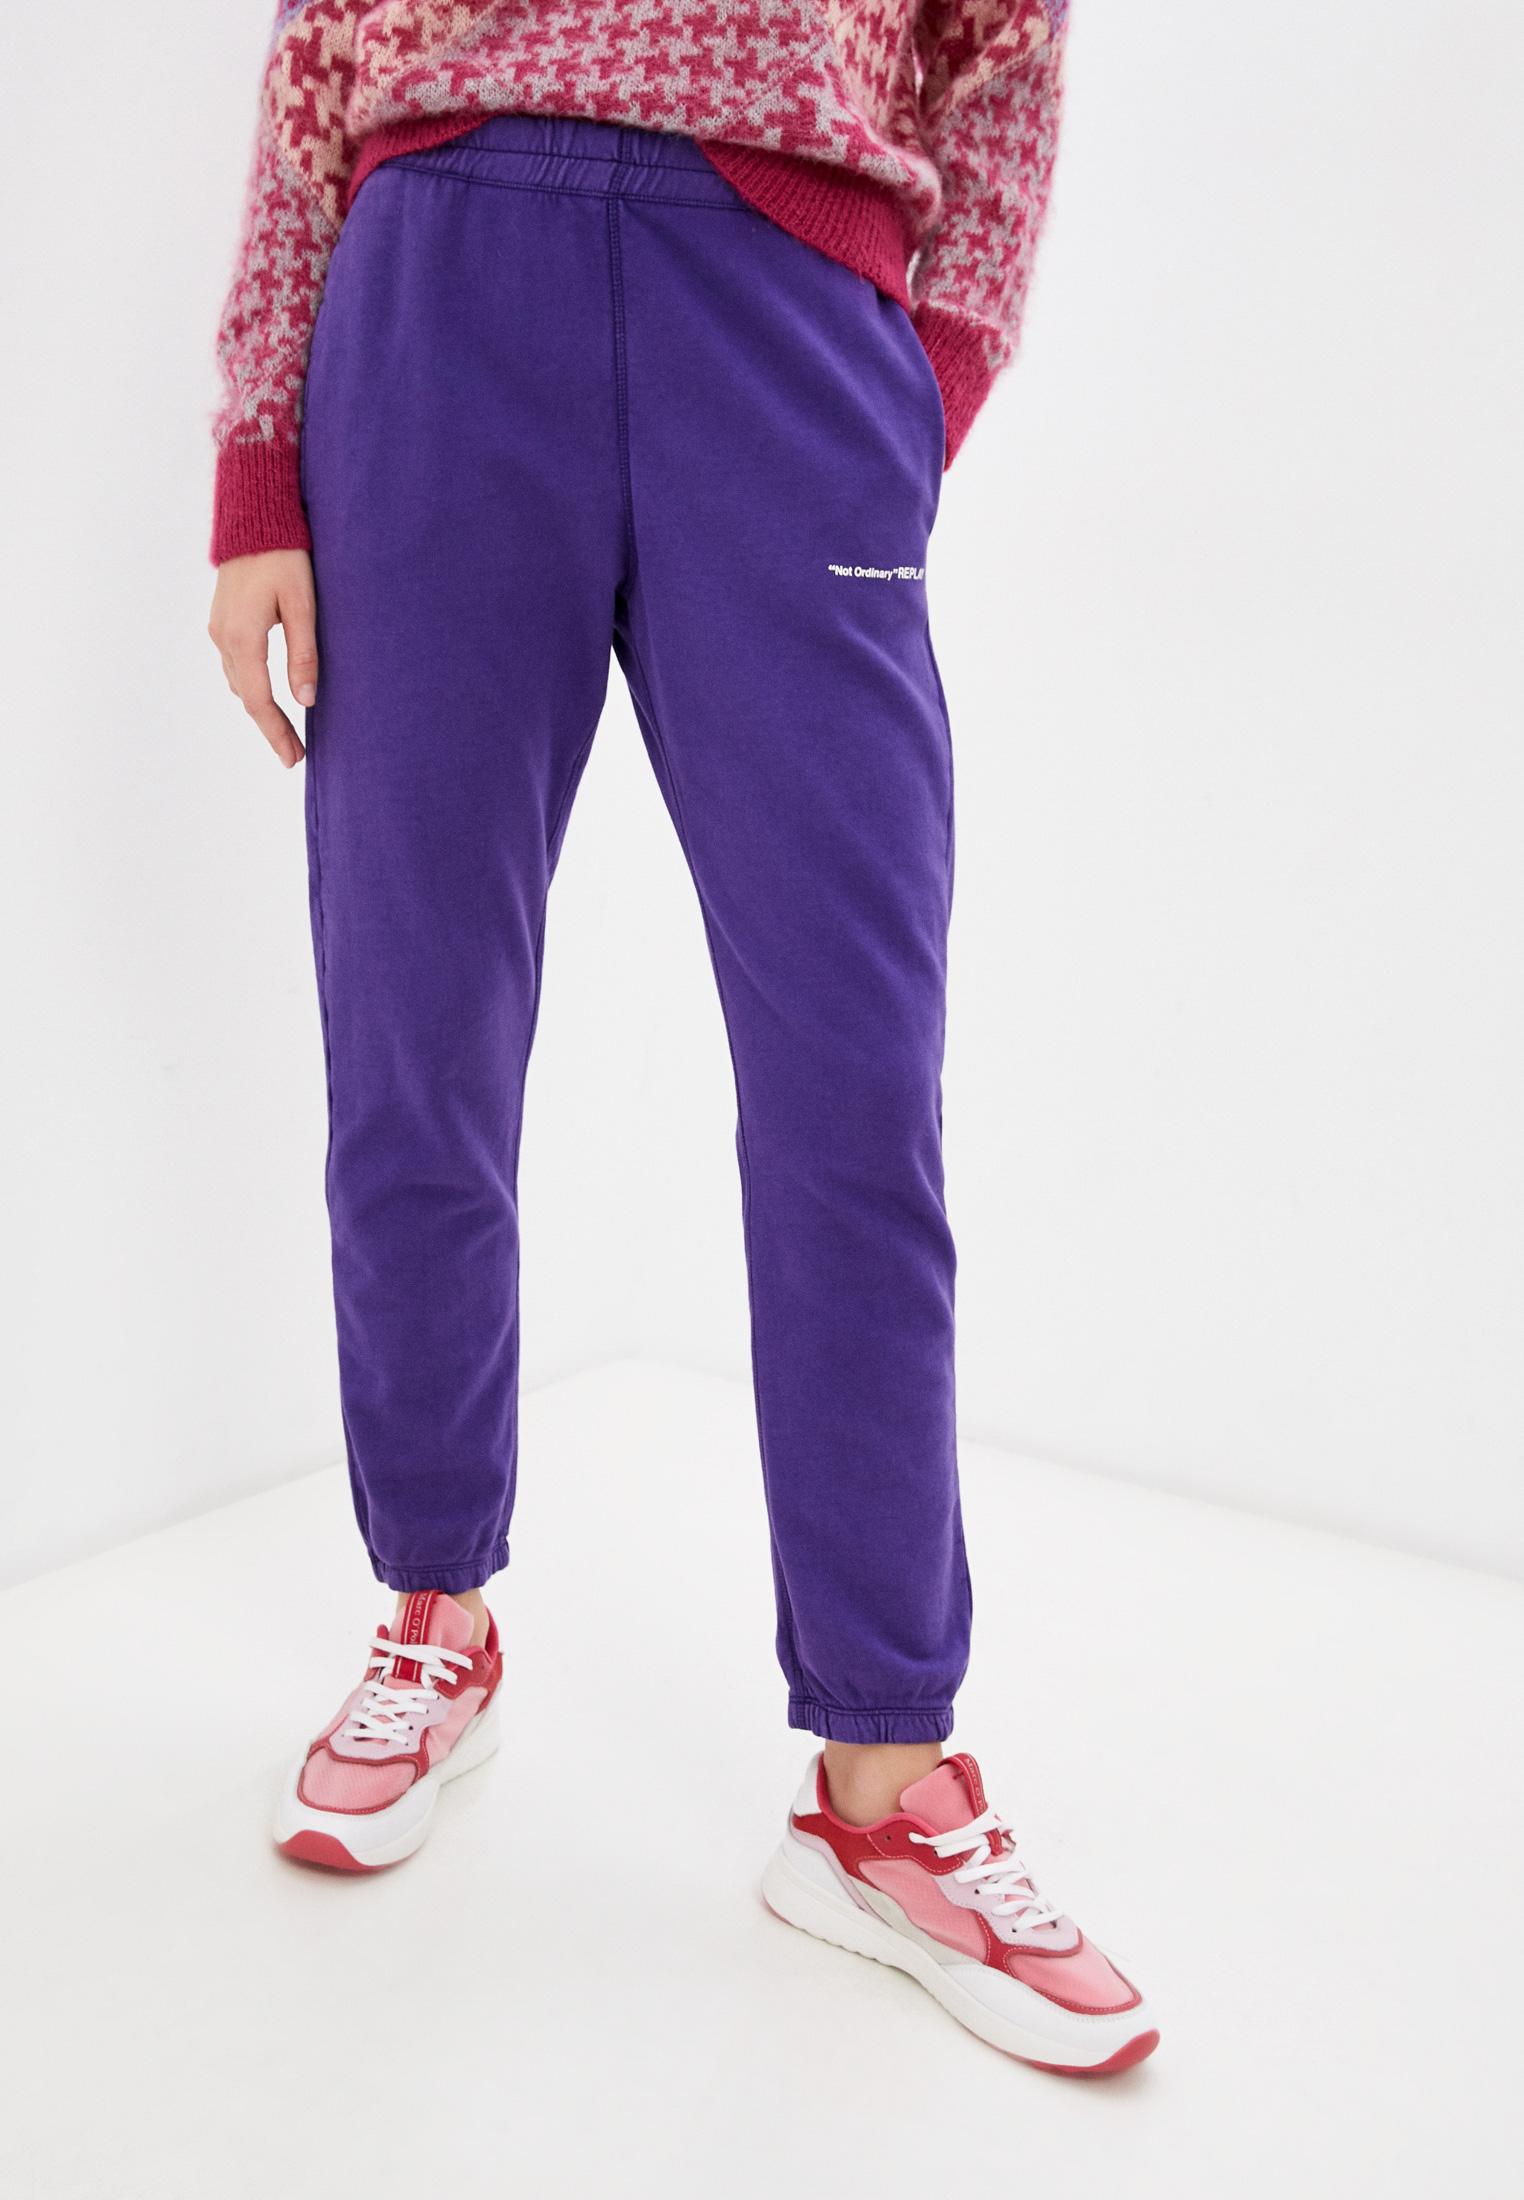 Женские спортивные брюки Replay (Реплей) Брюки спортивные Replay